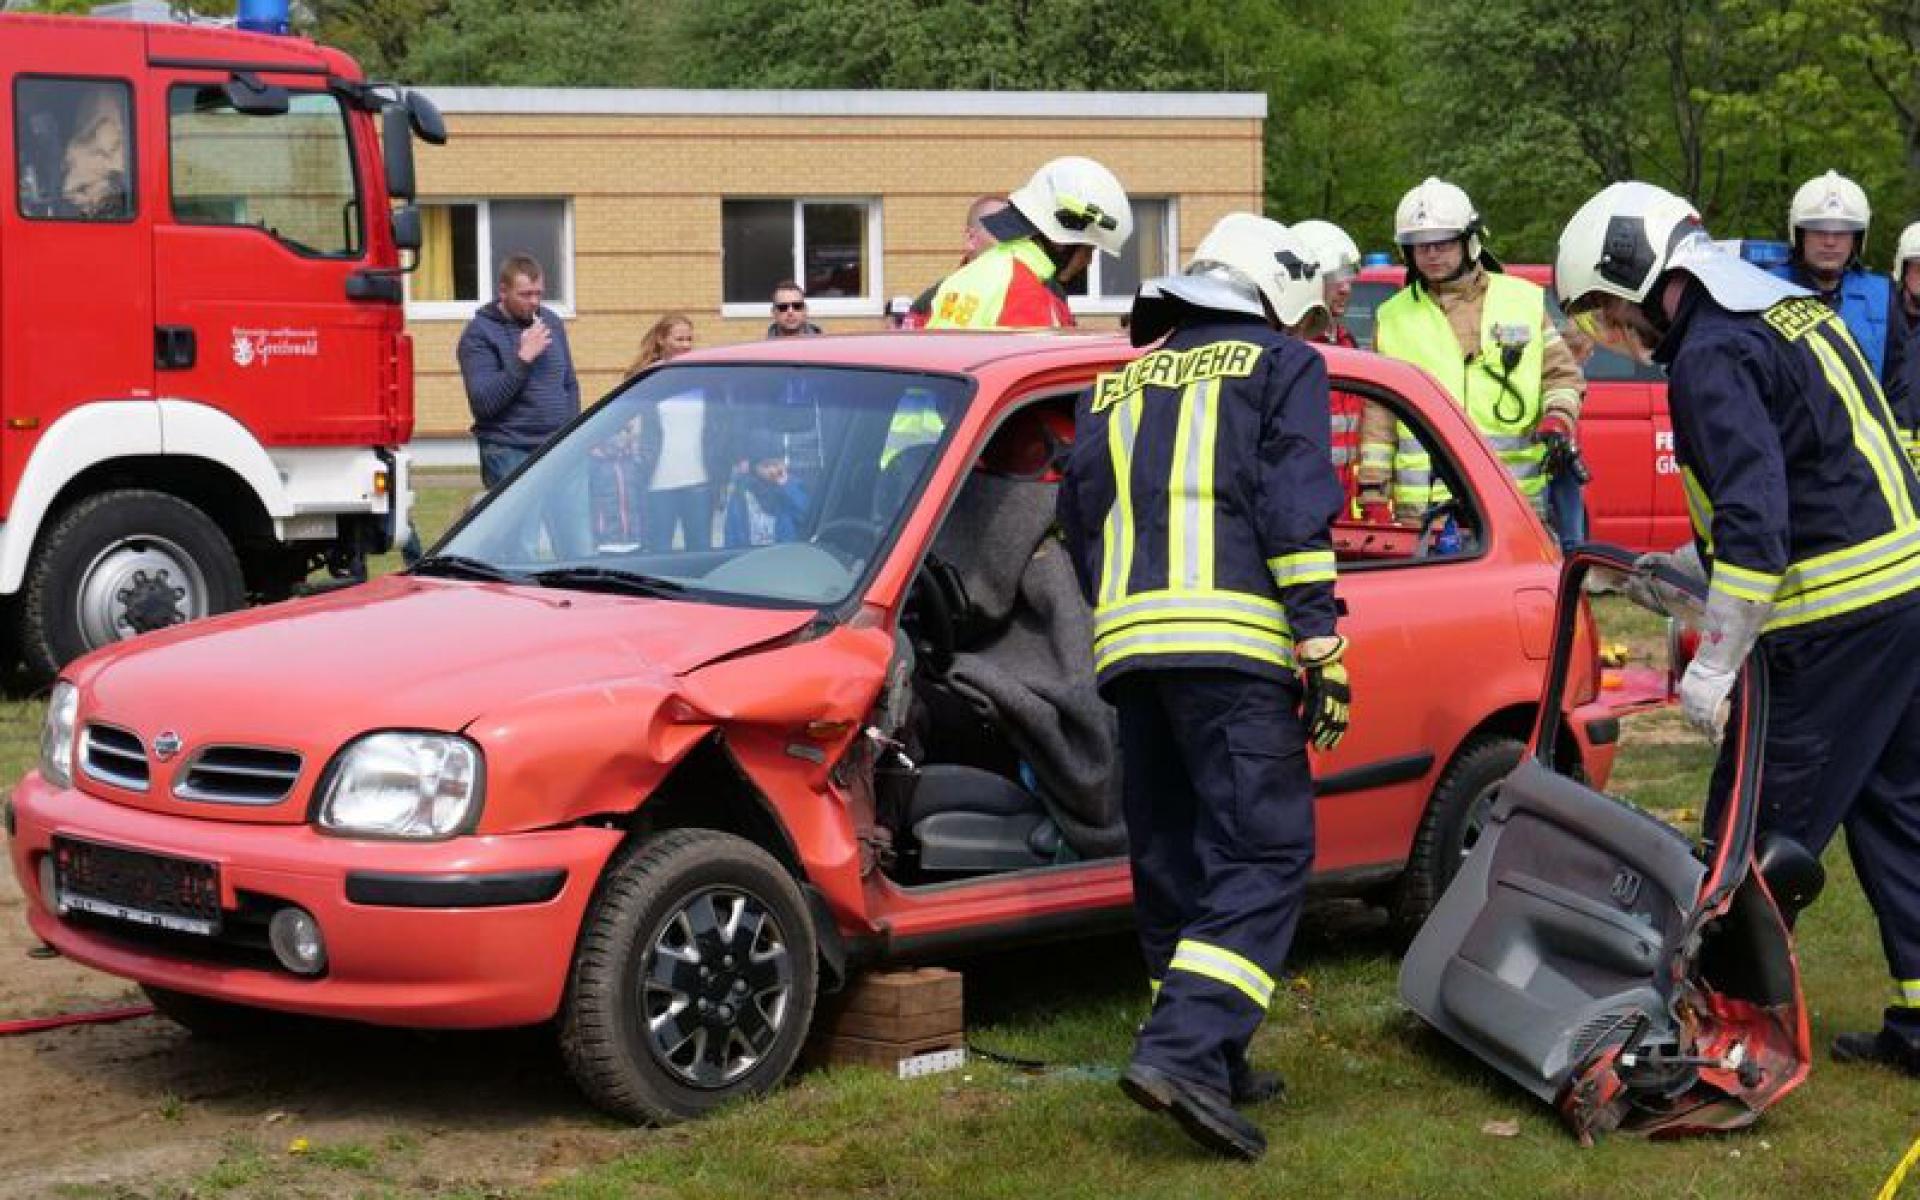 Ein Highlight war die Rettungsübung, bei der die Feuerwehr ein Auto mit schwerem Gerät öffnete.